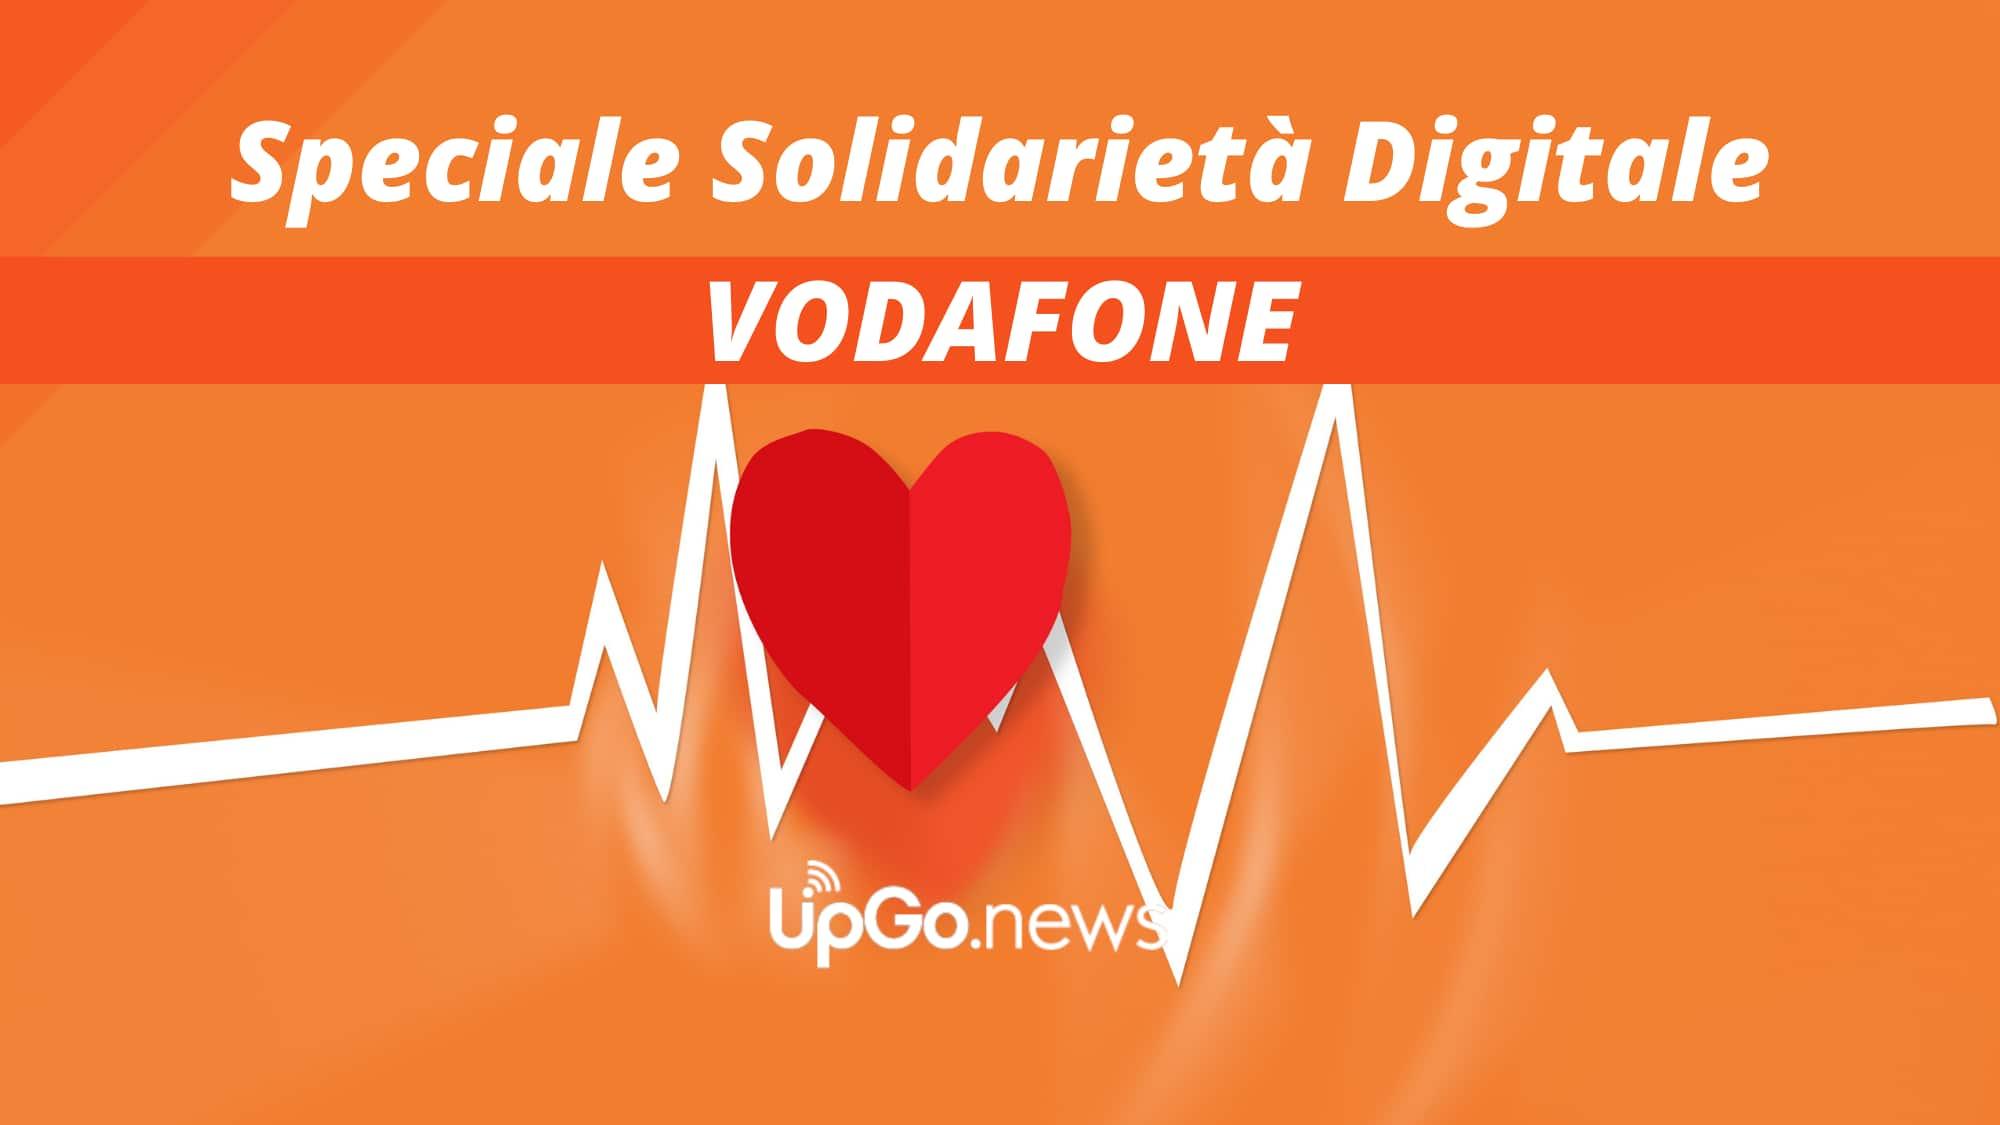 Solidarietà Digitale Vodafone